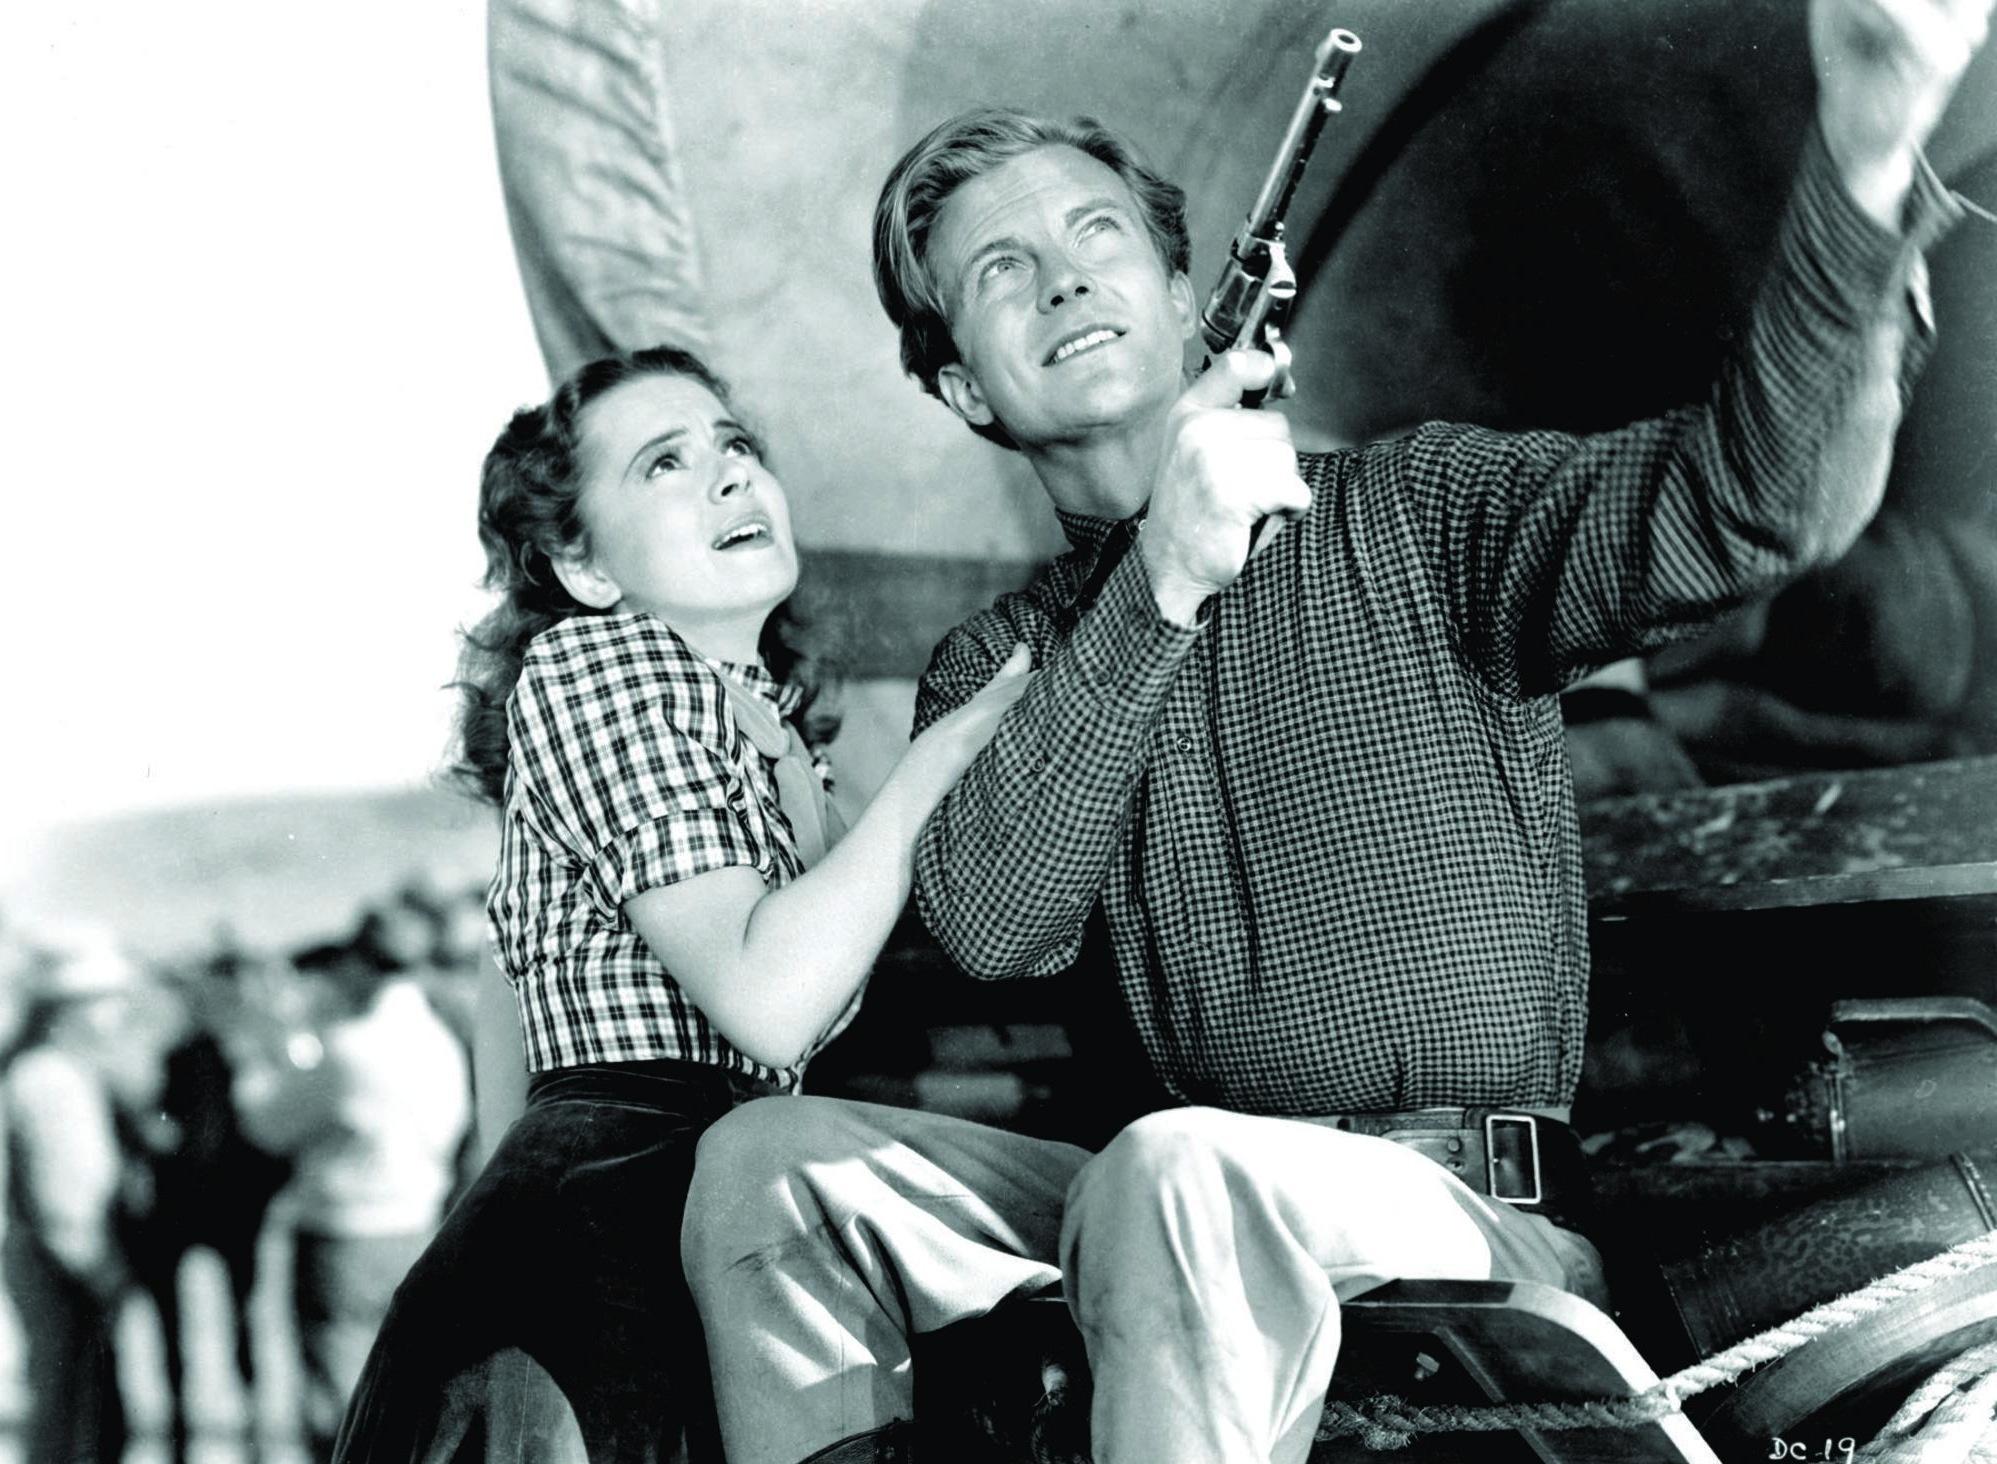 Olivia de Havilland and William Lundigan in Dodge City (1939)